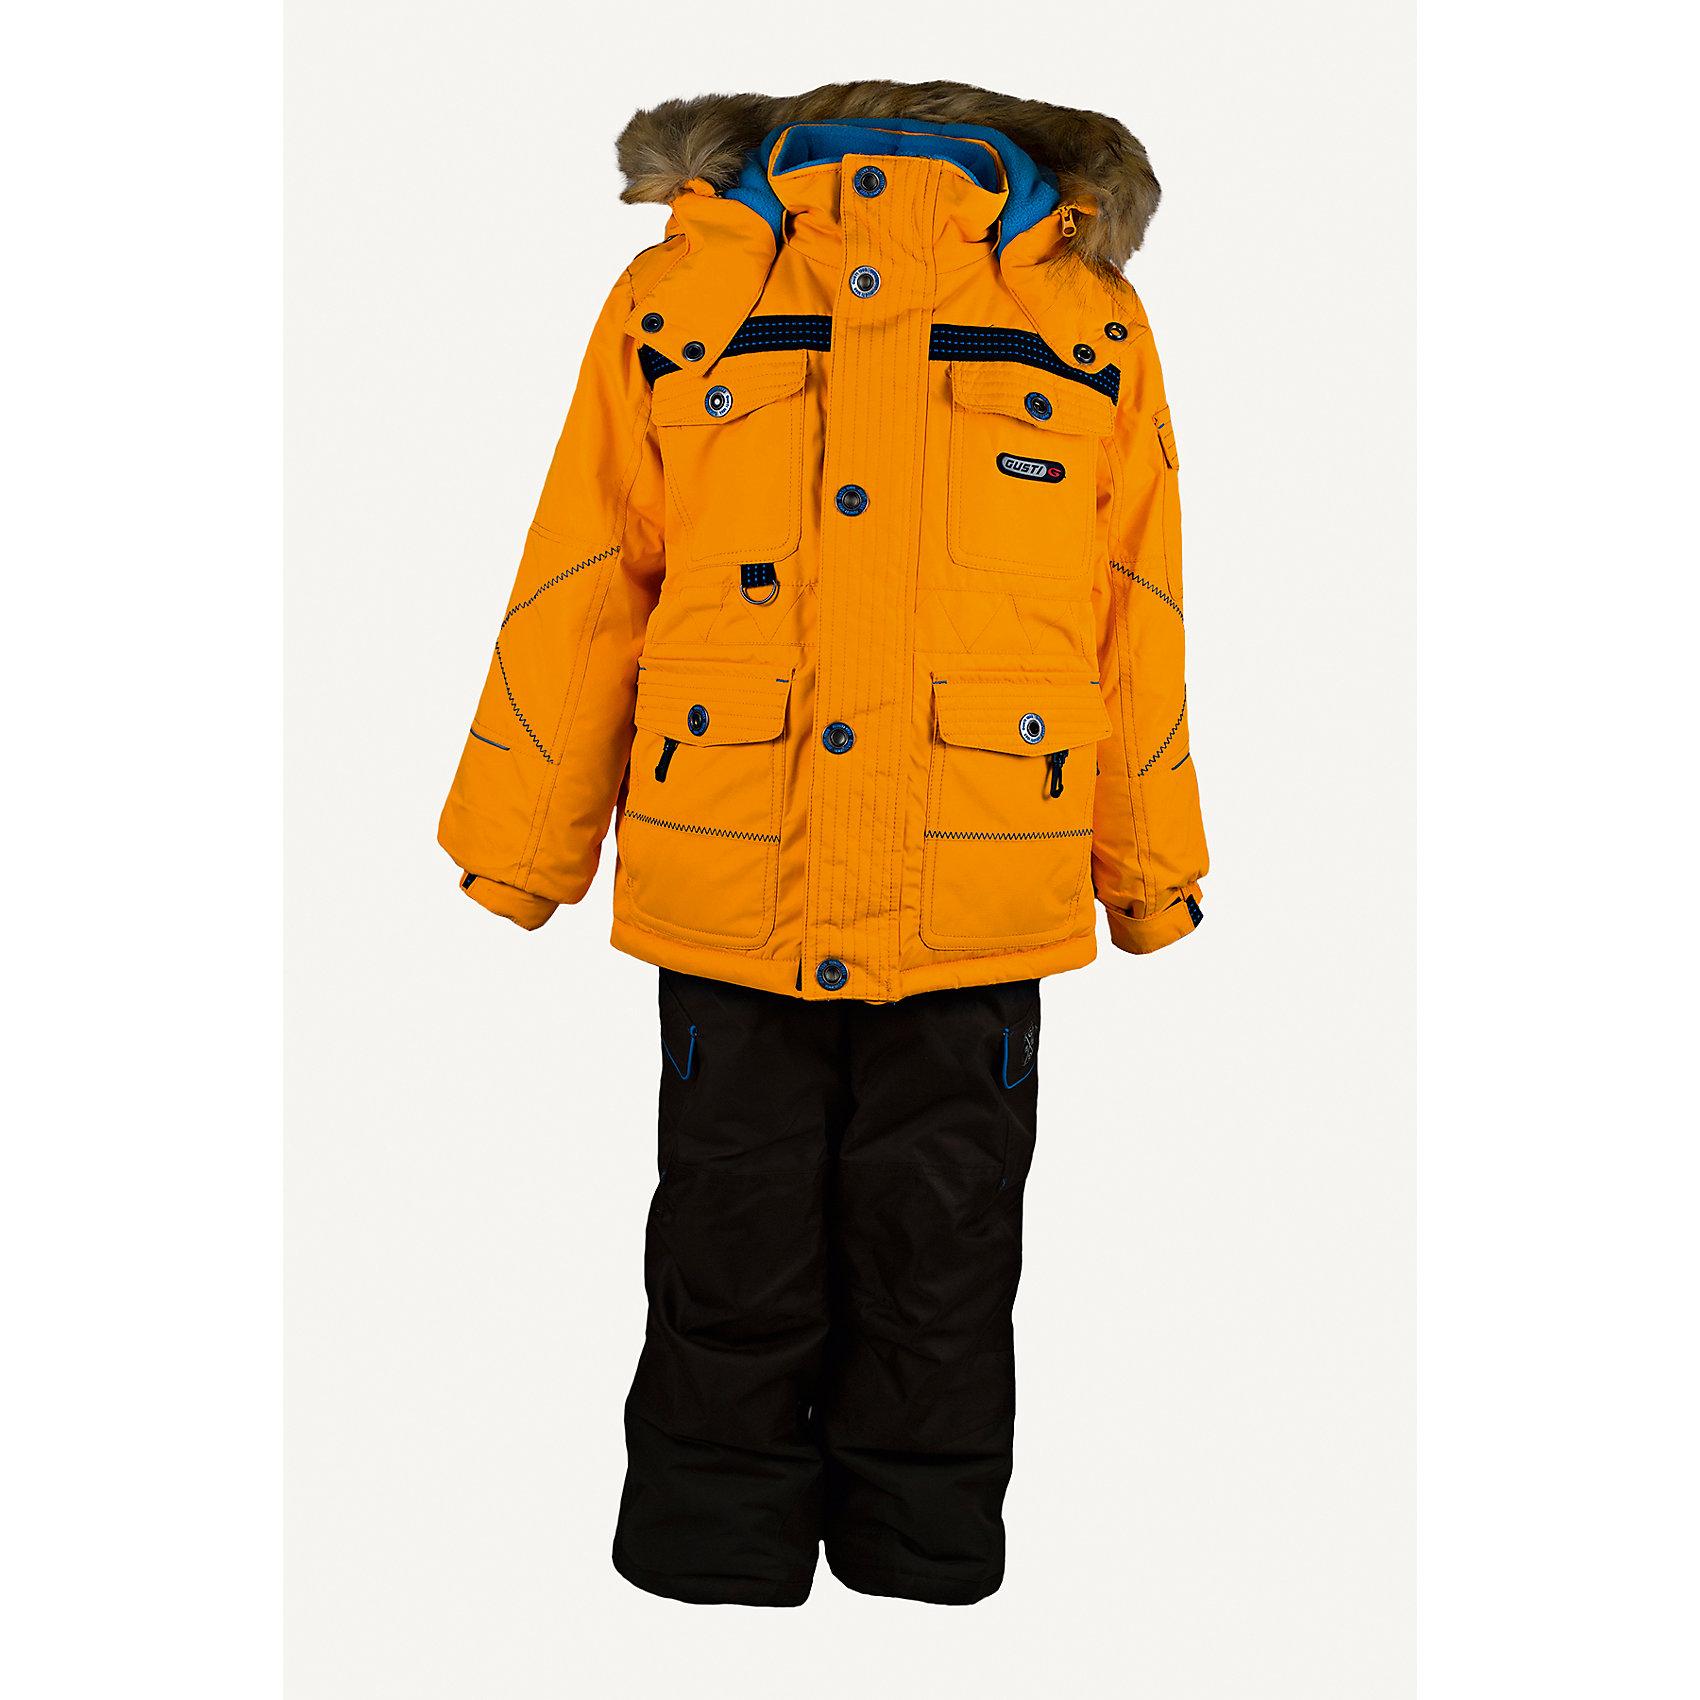 Комплект: куртка и полукомбинезон GUSTIВерхняя одежда<br>Комплект: куртка и полукомбинезон GUSTI (ГУСТИ) – это идеальный вариант для суровой зимы с сильными морозами.<br><br>Температурный режим: до -30  градусов. Степень утепления – высокая. <br><br>* Температурный режим указан приблизительно — необходимо, прежде всего, ориентироваться на ощущения ребенка. Температурный режим работает в случае соблюдения правила многослойности – использования флисовой поддевы и термобелья.<br><br>Комплект от GUSTI состоит из куртки и полукомбинезона прямого кроя, выполненных из плотного непромокаемого материала с защитной от влаги мембраной 5000 мм. Тань хорошо сохраняет тепло, отталкивает влагу и позволяет коже ребенка дышать. Утеплитель из тек-полифилла и флисовая внутренняя отделка на груди и на спинке дают возможность использовать комплект при очень низких температурах. Куртка застегивается на молнию с ветрозащитной планкой, имеет четыре накладных кармана с клапанами, два внутренних кармана на молнии, снегозащитную юбку, трикотажные манжеты в рукавах, высокий ворот с защитой подбородка, отстёгивающийся прилегающий капюшон с флисовой подкладкой и оторочкой из искусственного меха. Низ рукавов регулируется с помощью липучек. Полукомбинезон застегивается на молнию, имеет два накладных кармана с клапанами, регулируемые лямки, снегозащитные гетры. Длина брючин регулируется (отворот с креплением на липе). Сзади, на коленях, и по низу брючин имеется дополнительный слой ткани Cordura Oxford (сверхстойкий полиэстер). До размера 6х (120 см) у полукомбинезона высокая грудка, в размерах 7 (122 см) -14 (164см) отстегивающаяся спинка, грудки нет.<br><br>Дополнительная информация:<br><br>- Пол: мальчик<br>- Цвет: желтый, серый<br>- Узор: однотонный<br>- Температурный режим до -30 градусов<br>- Материал верха: куртка - shuss 5000мм (100% полиэстер); брюки - taslan 5000мм, накладки Cordura Oxford сзади, на коленях, и по низу брючин<br>- Наполнитель: куртка - тек-полифилл плотностью 283 гр/м (10 у